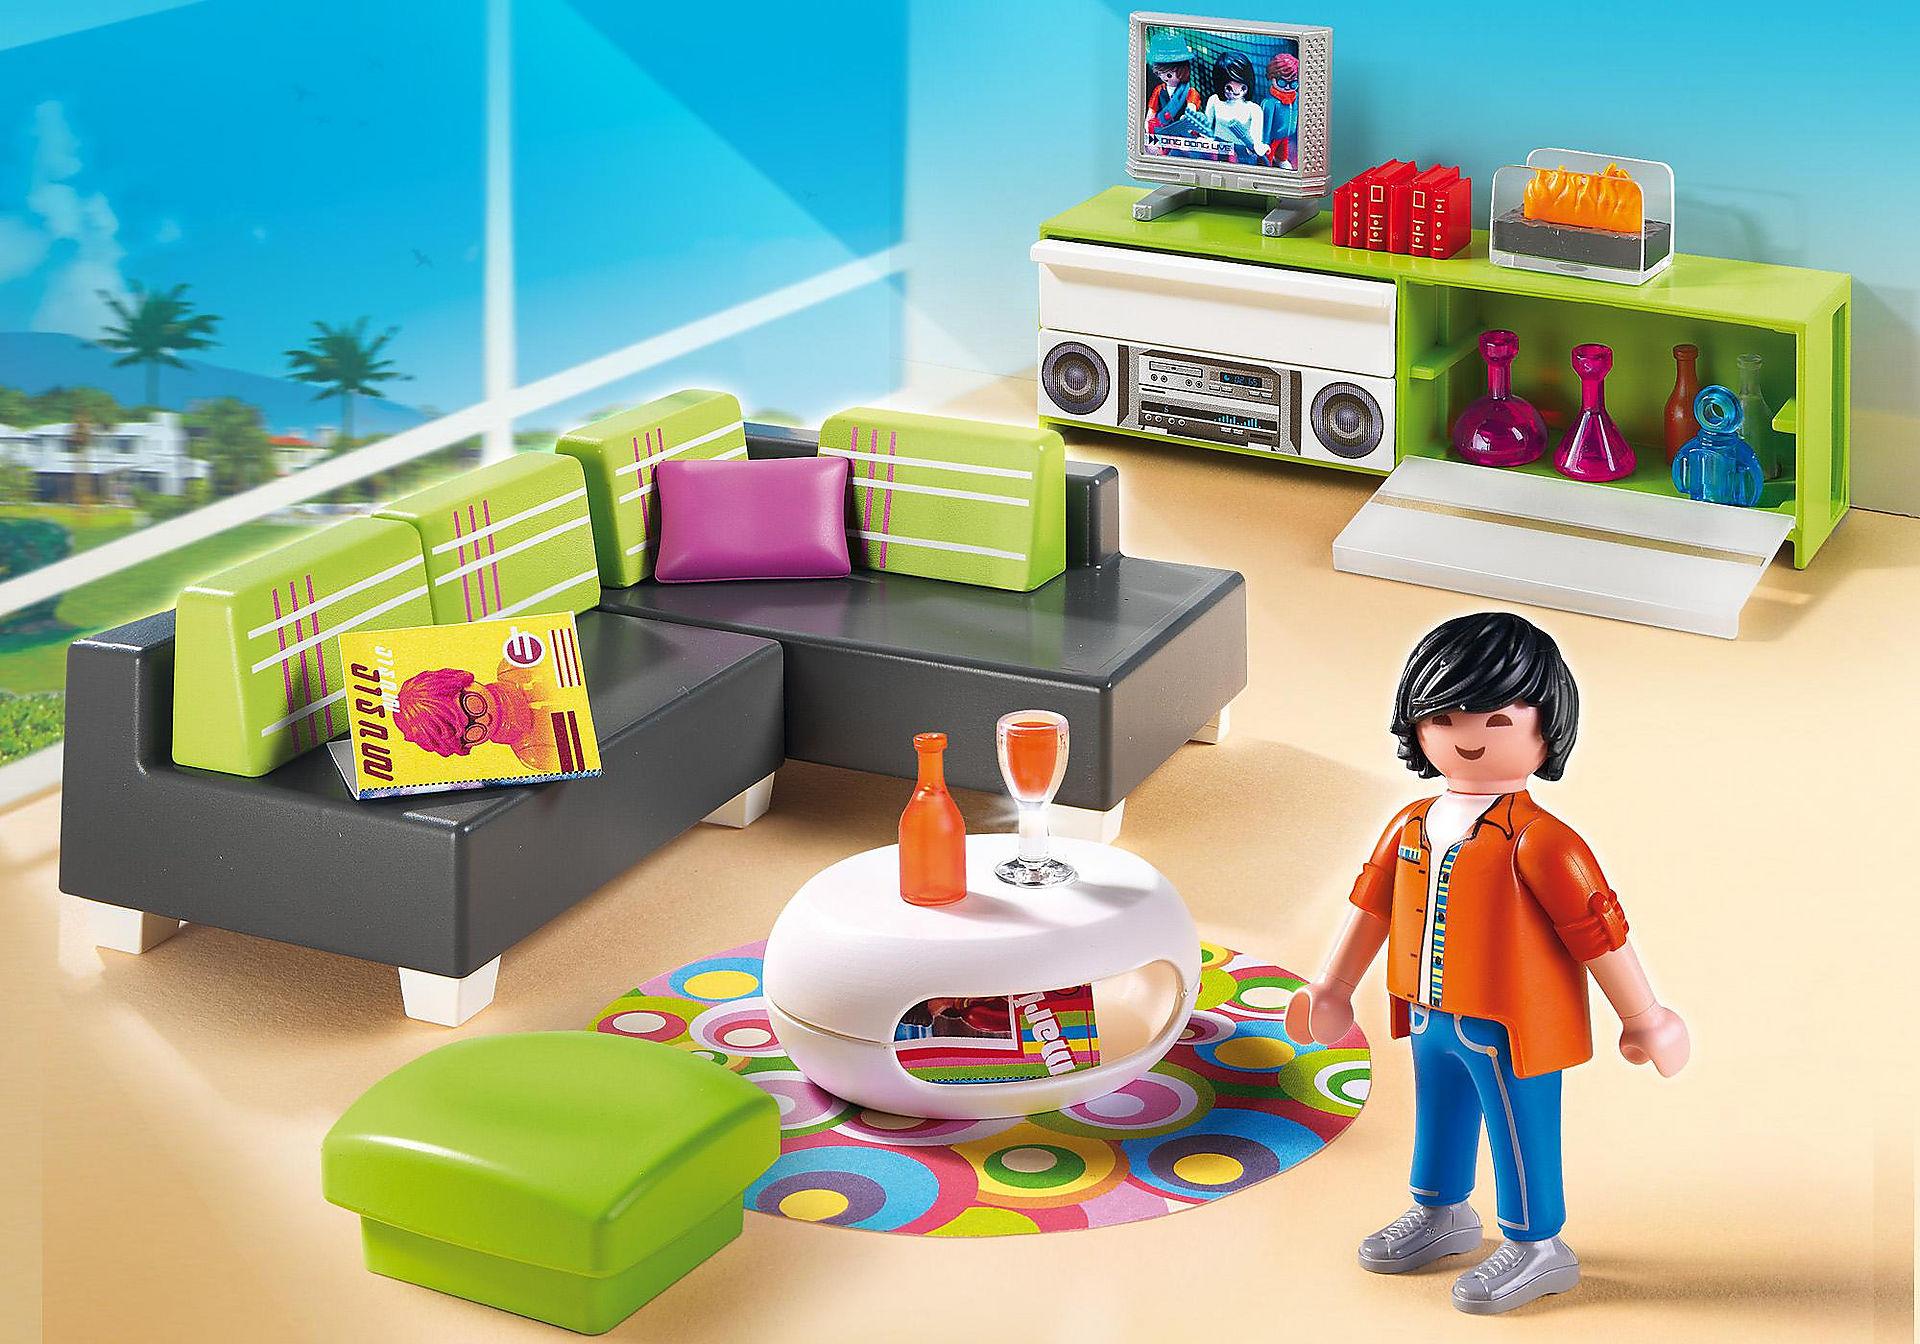 5584 Pokój dzienny zoom image1